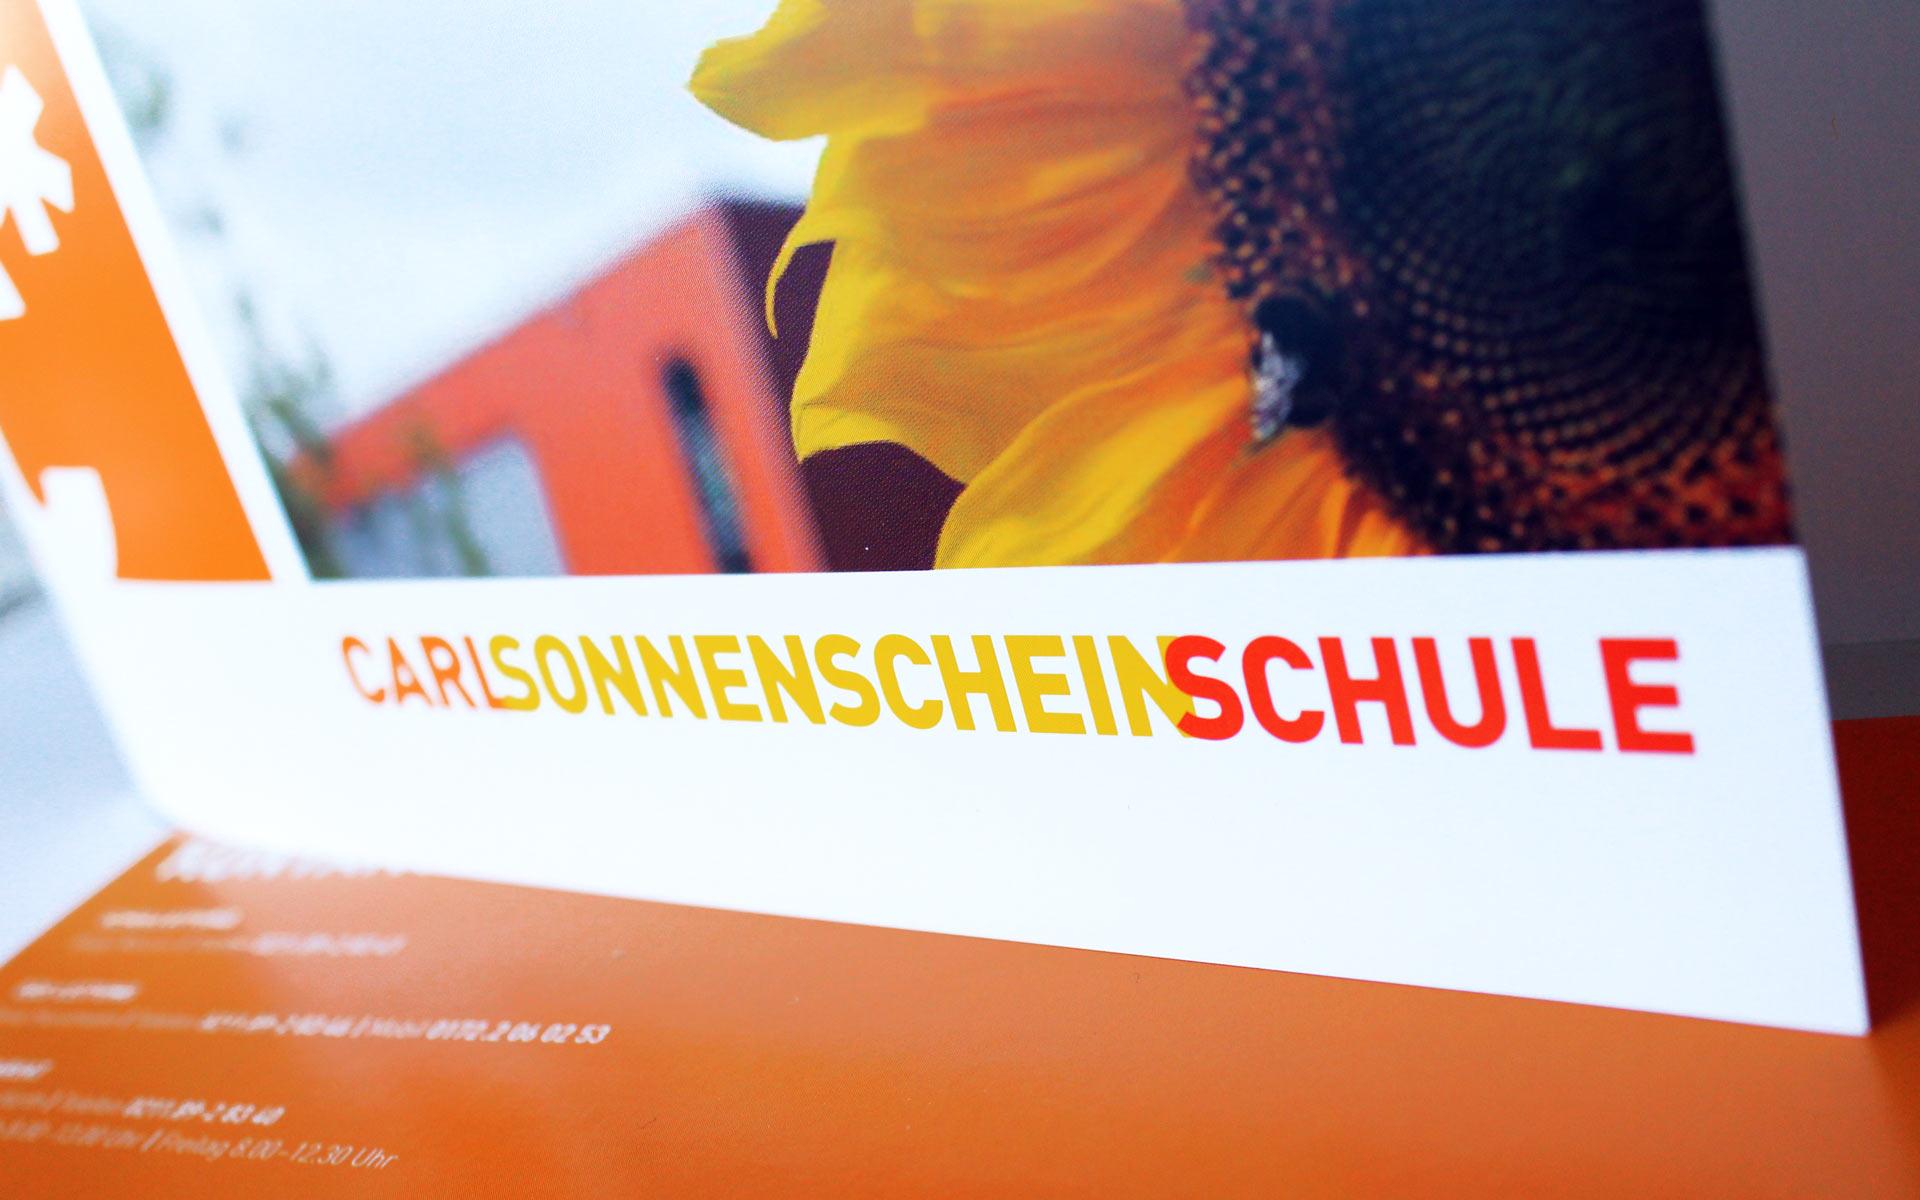 Carl Sonnenschein Schule Corporate Design, Schriftzug, Wortmarke